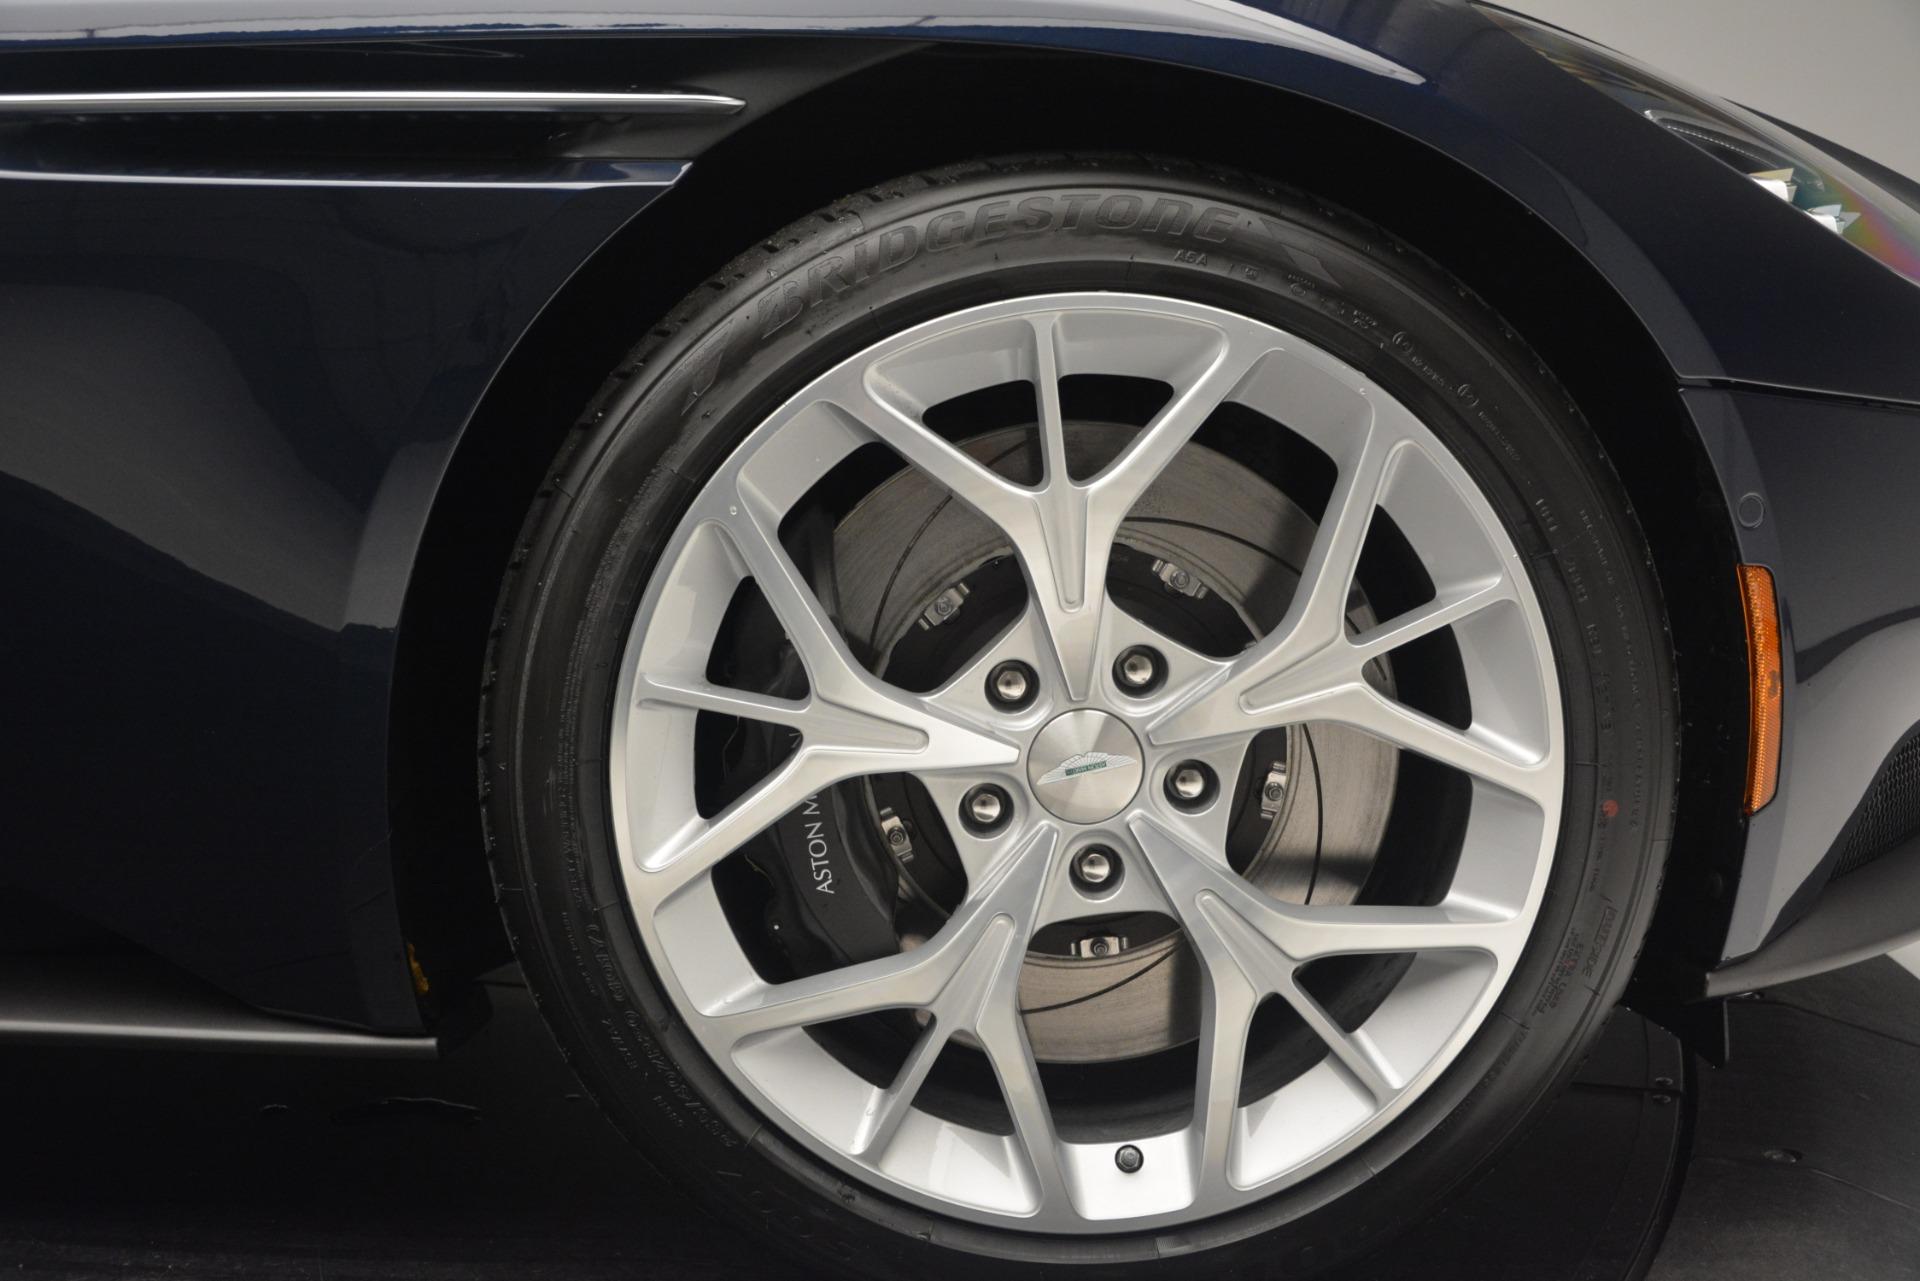 New 2019 Aston Martin DB11 Volante Volante For Sale In Westport, CT 2594_p30